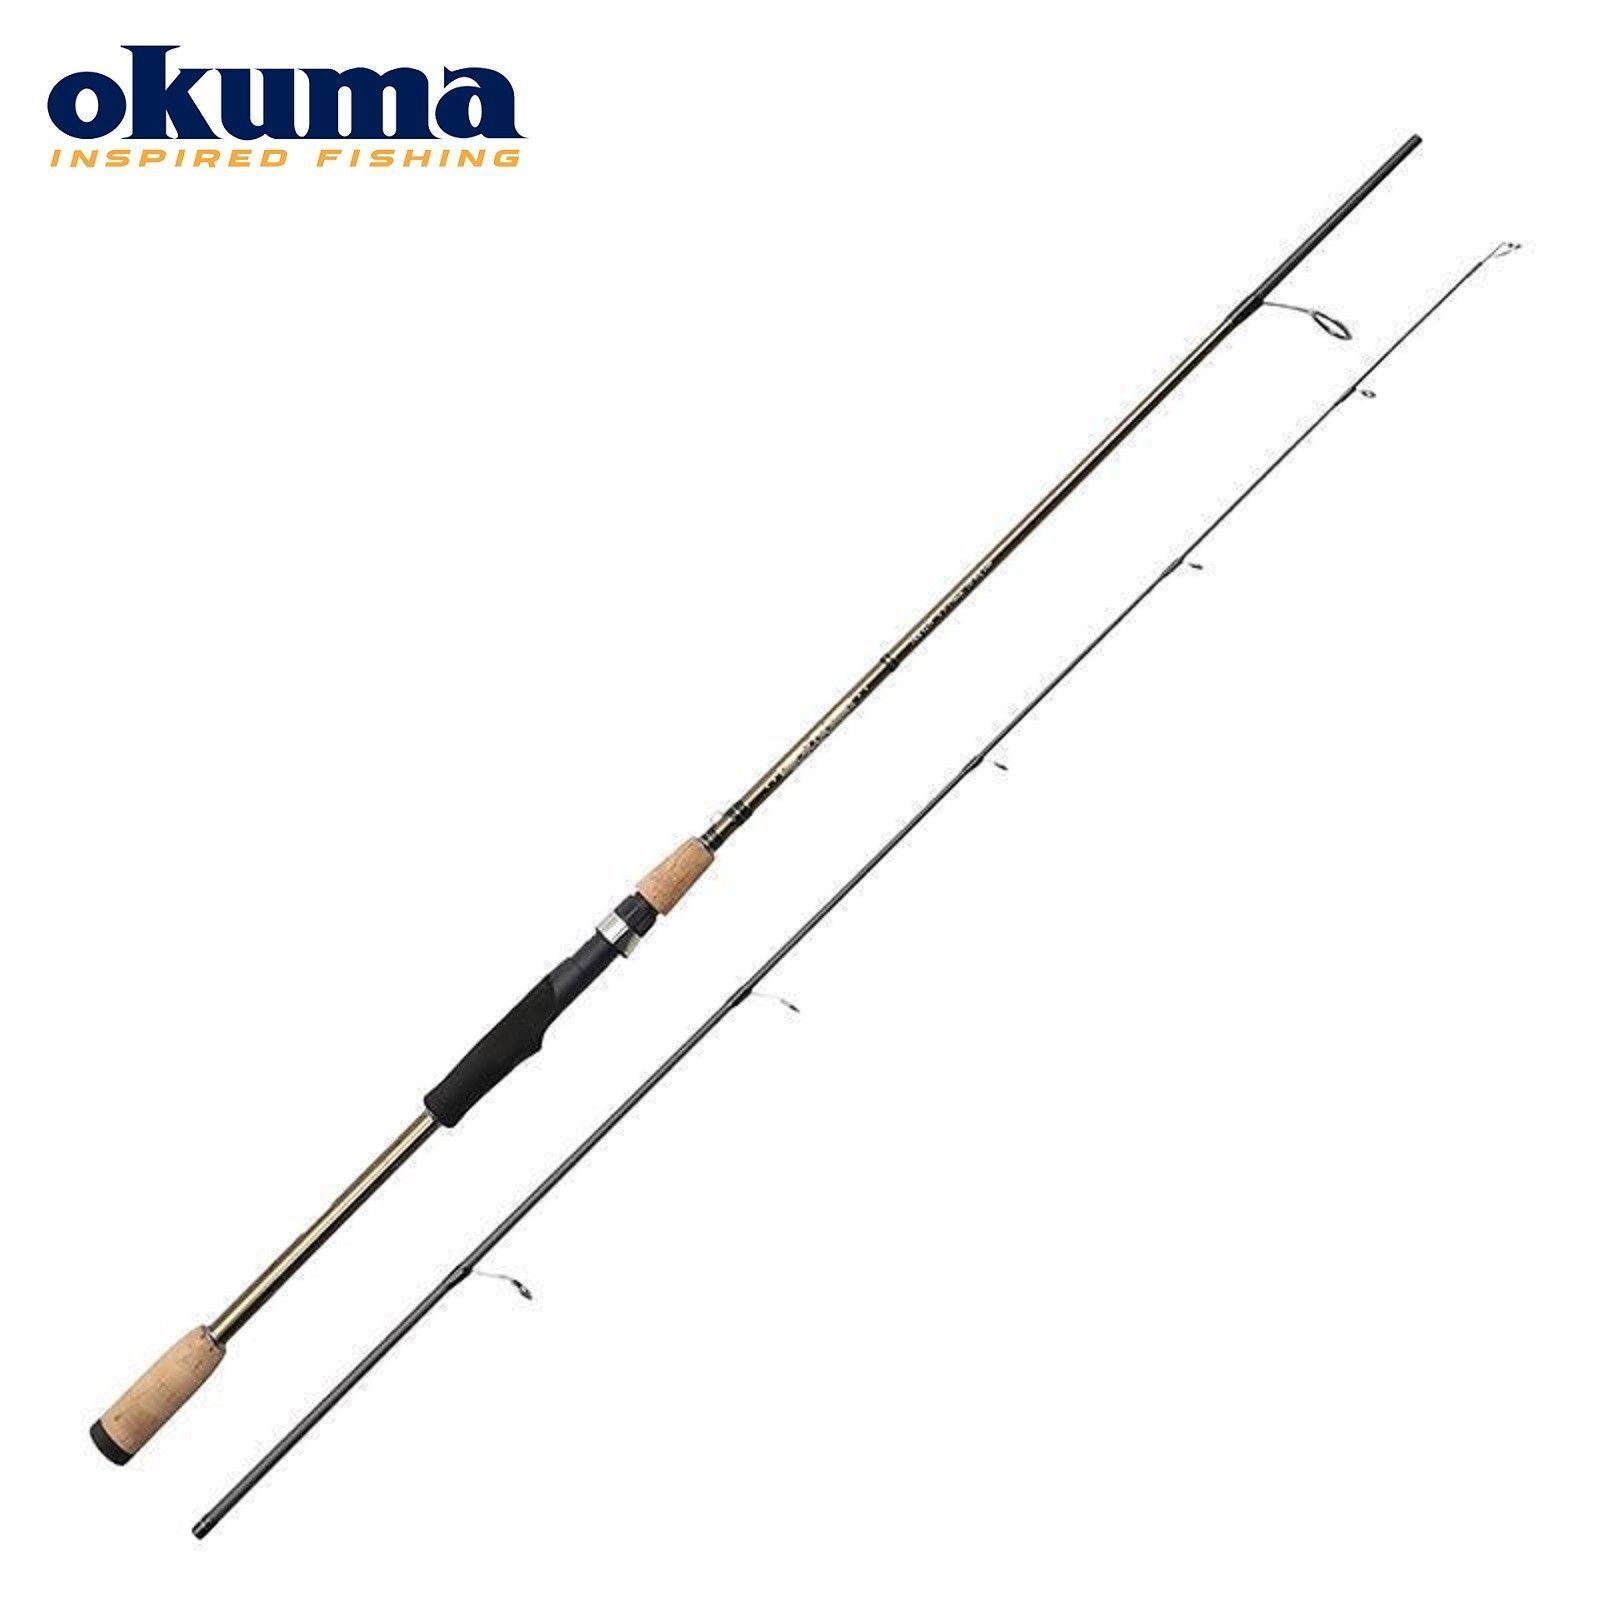 OKUMA DEAD RINGER Pesca Spinning Rod 2.10 M  3.03 M Varie Taglie